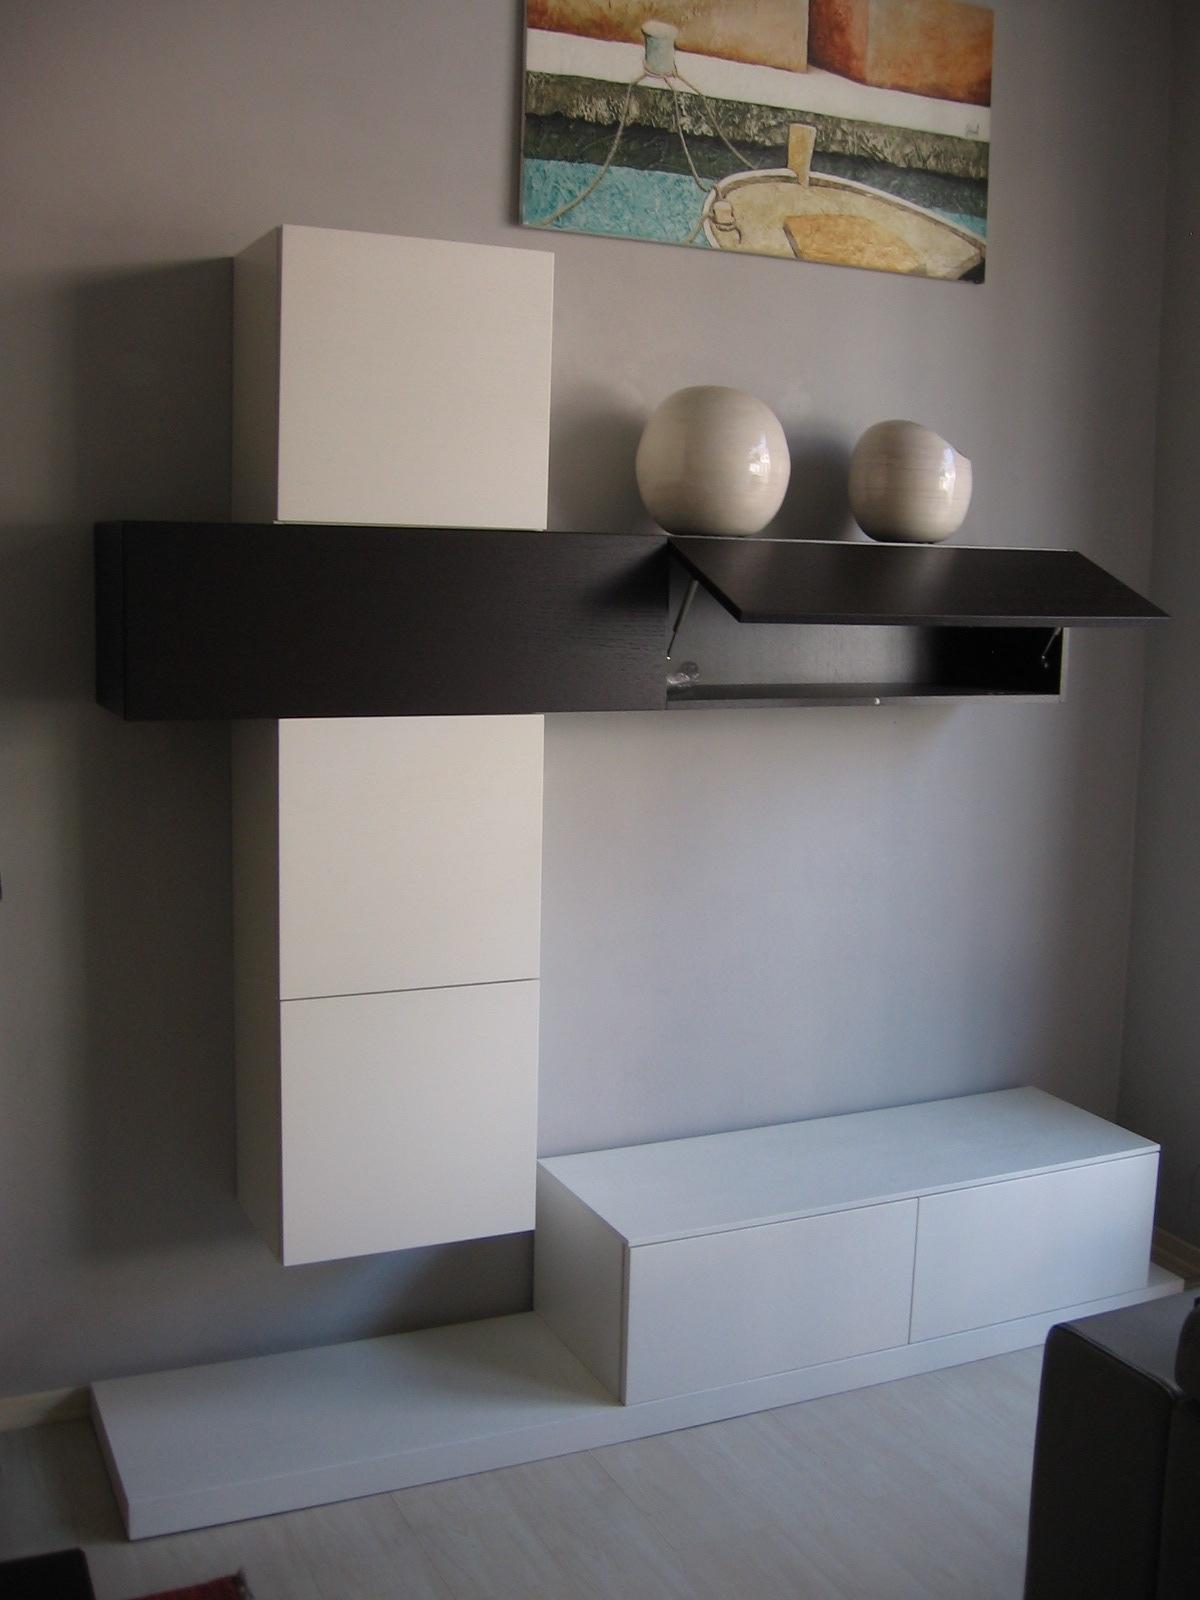 Mobile soggiorno moderno alf scontato del 50 soggiorni - Mobile soggiorno moderno ...